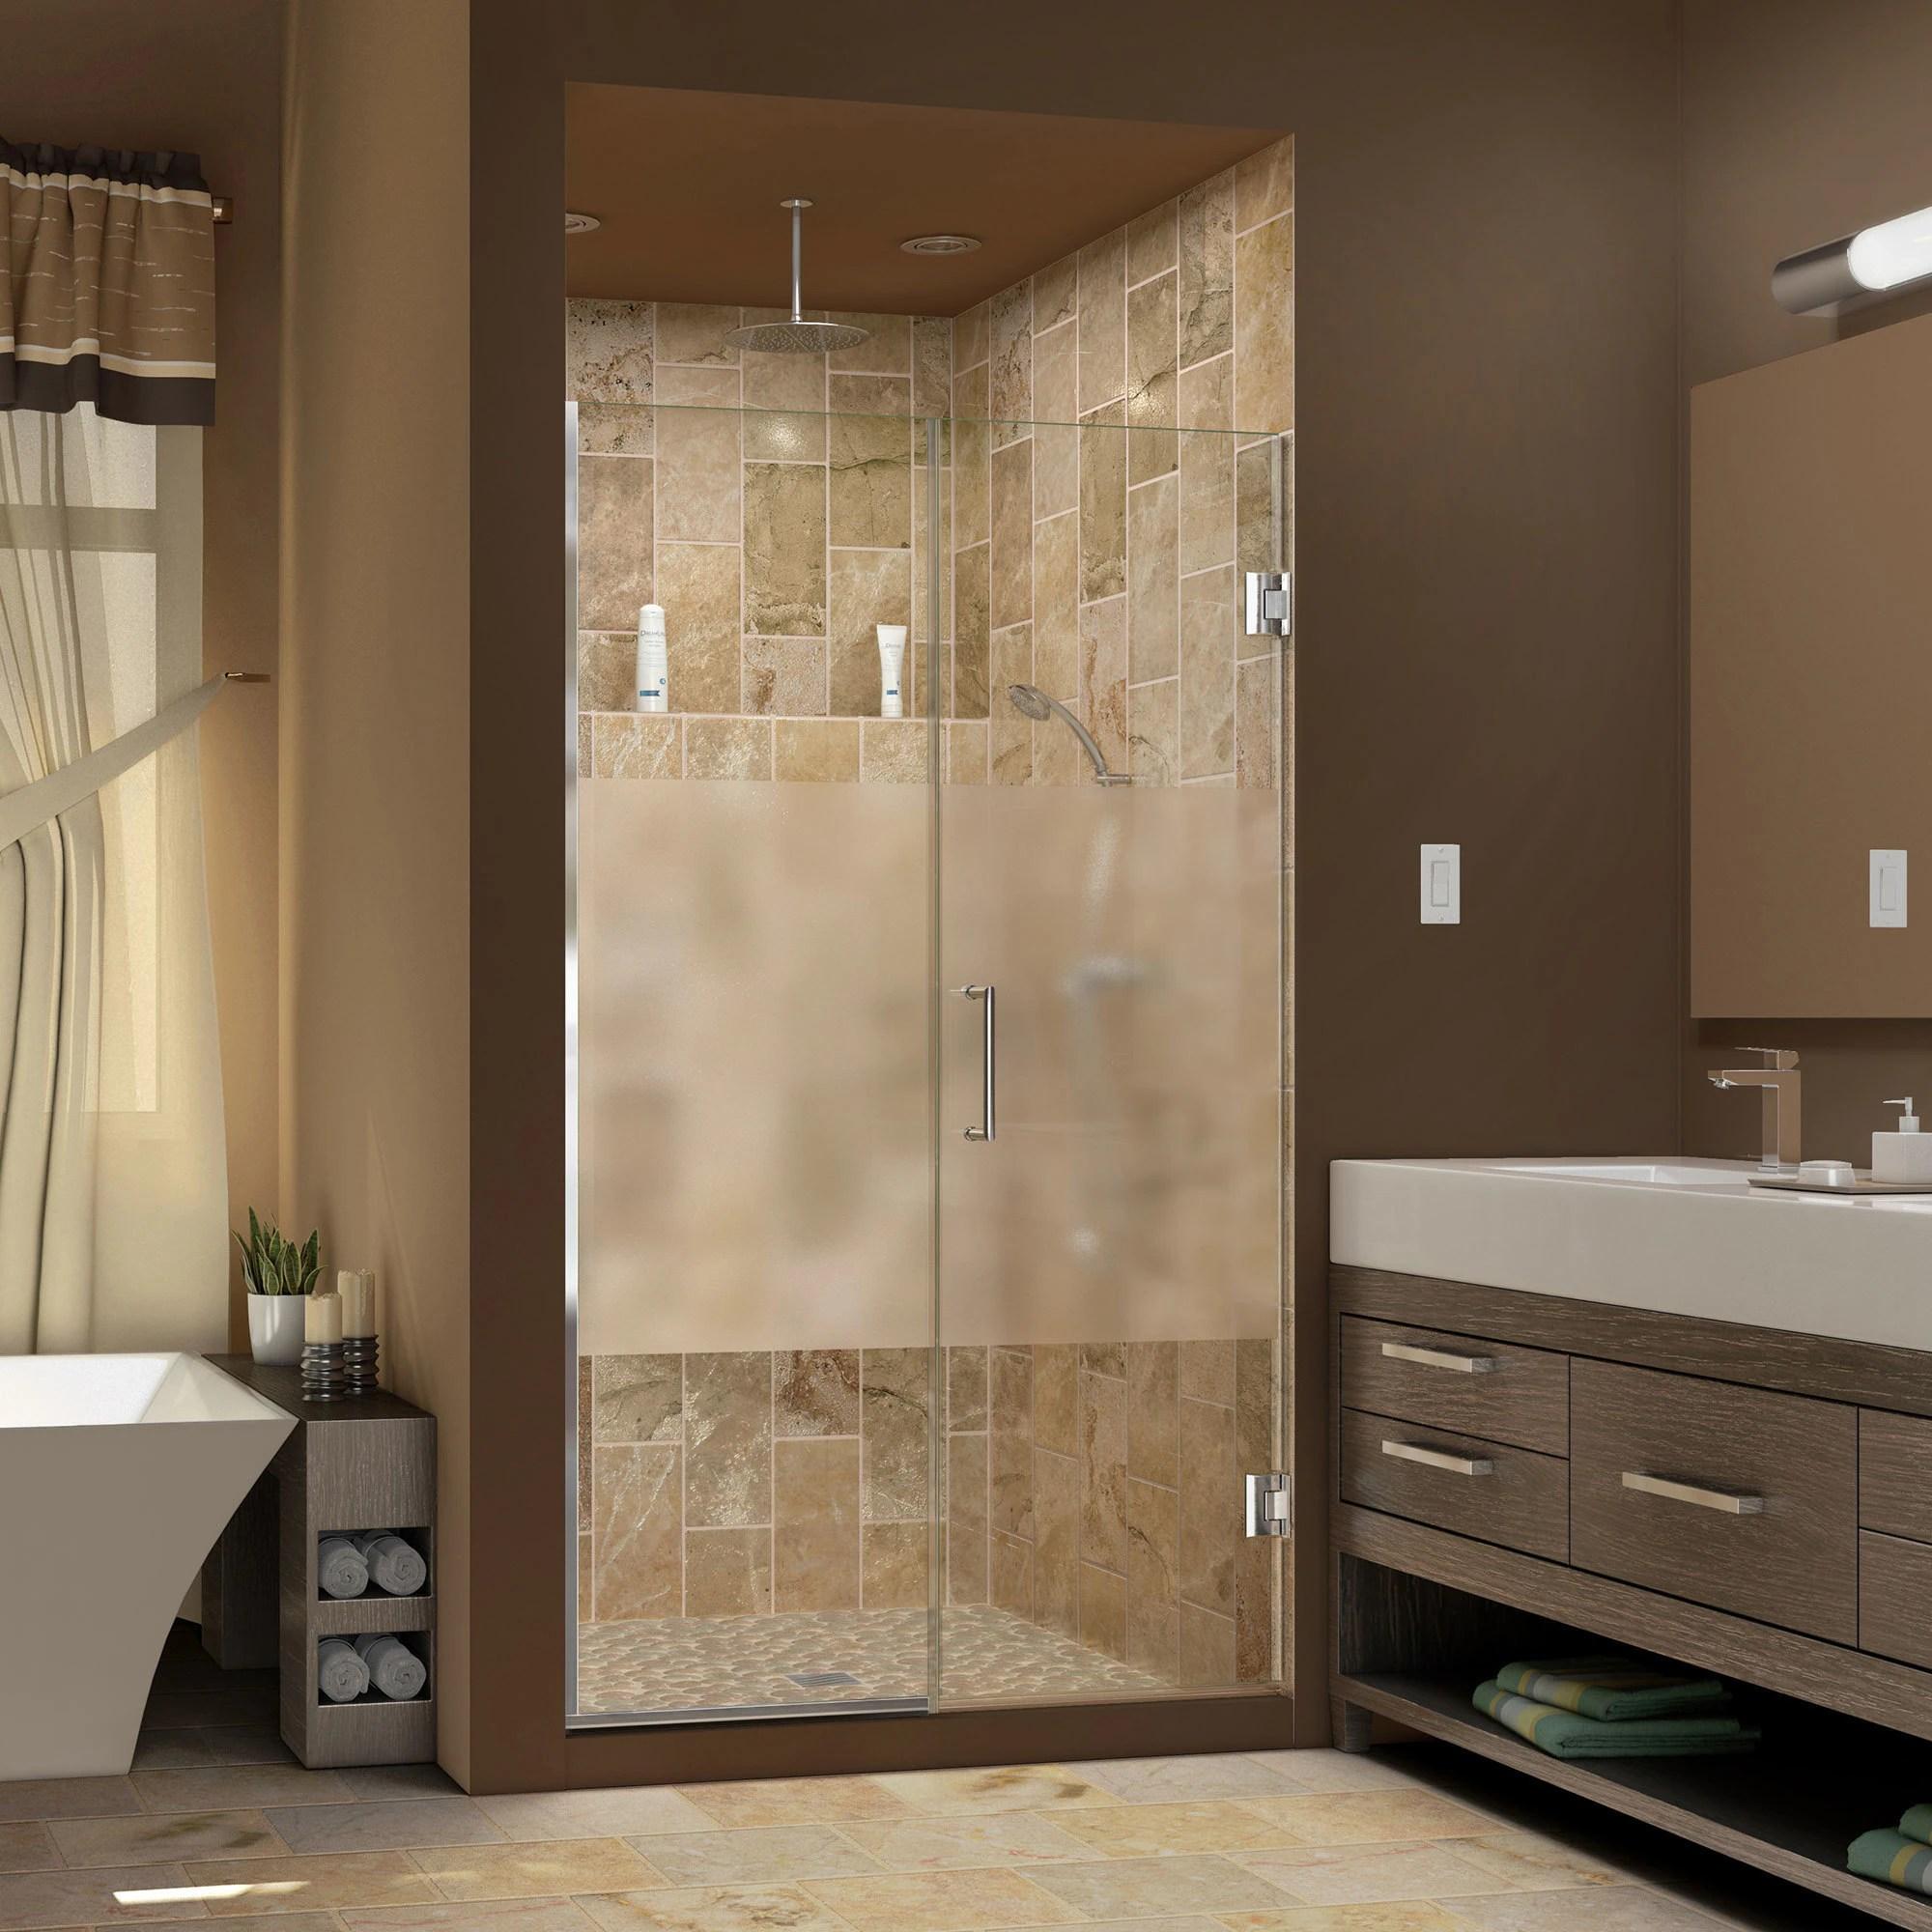 Dreamline Unidoor Plus 50 51 In W X 72 In H Hinged Shower Door Half Frosted Glass Door